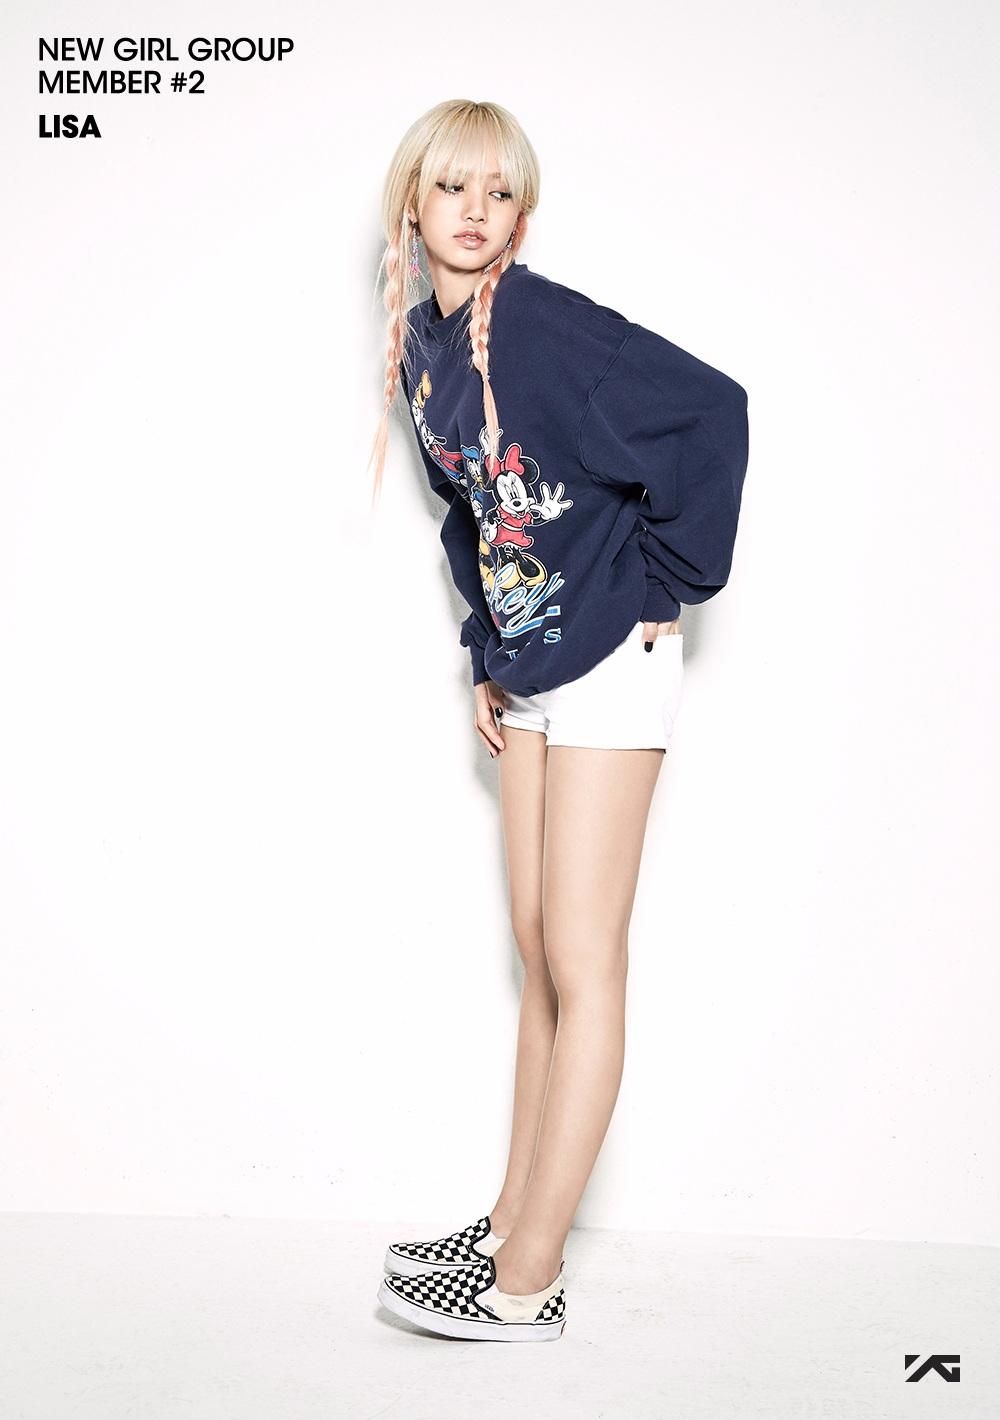 主打國際化的YG新女團,語言也是必須,她精通英、泰、韓、日語,欸~說到泰國,你會想到韓國偶像哪位藝人呢?